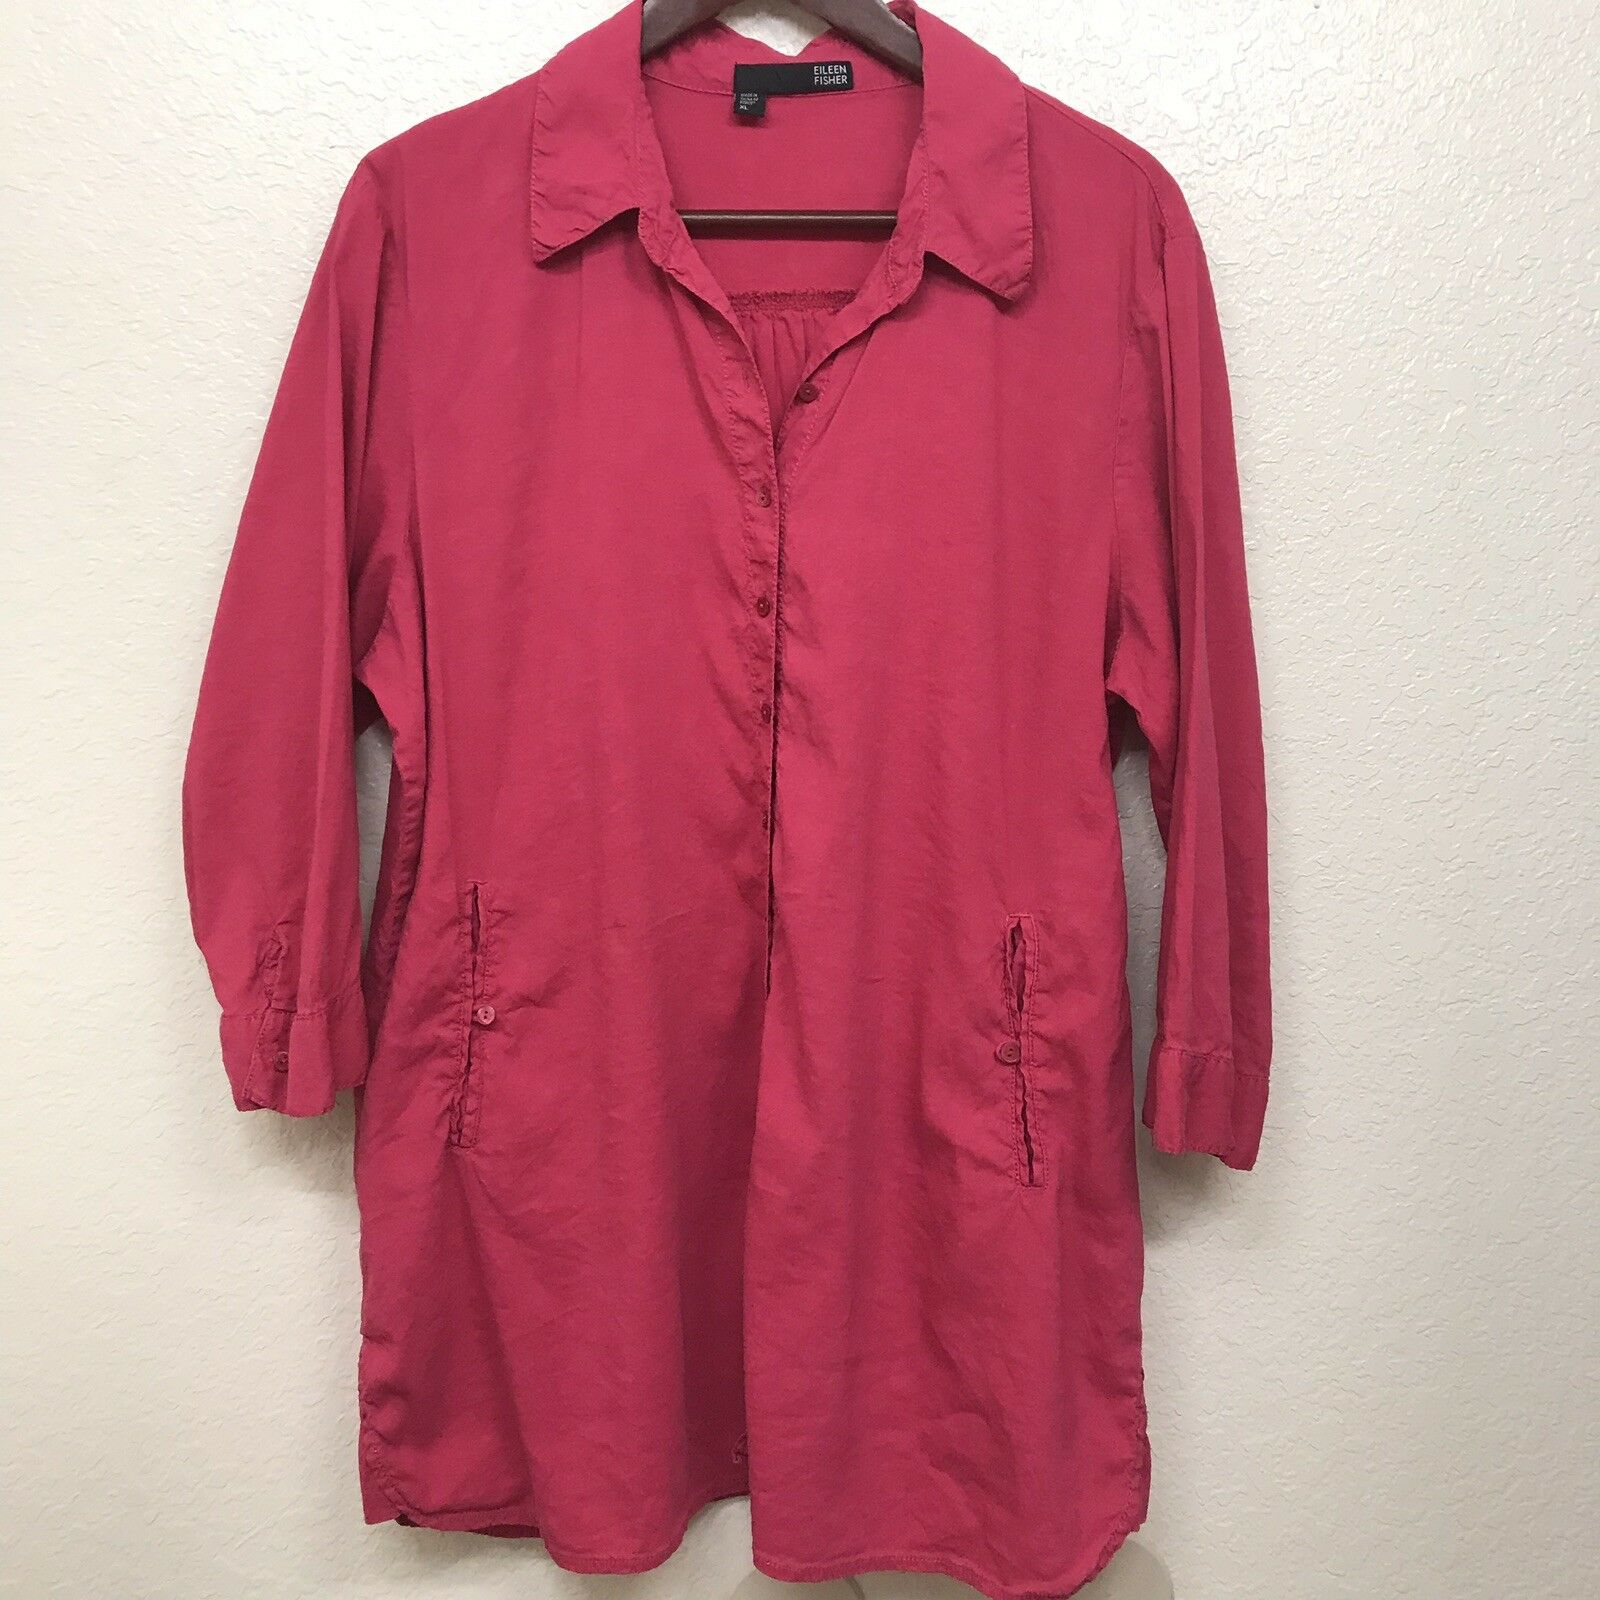 Eileen Fisher XL Linen Blend Blouse Hot Rosa Shirt Tunic Top Button Down FLAW